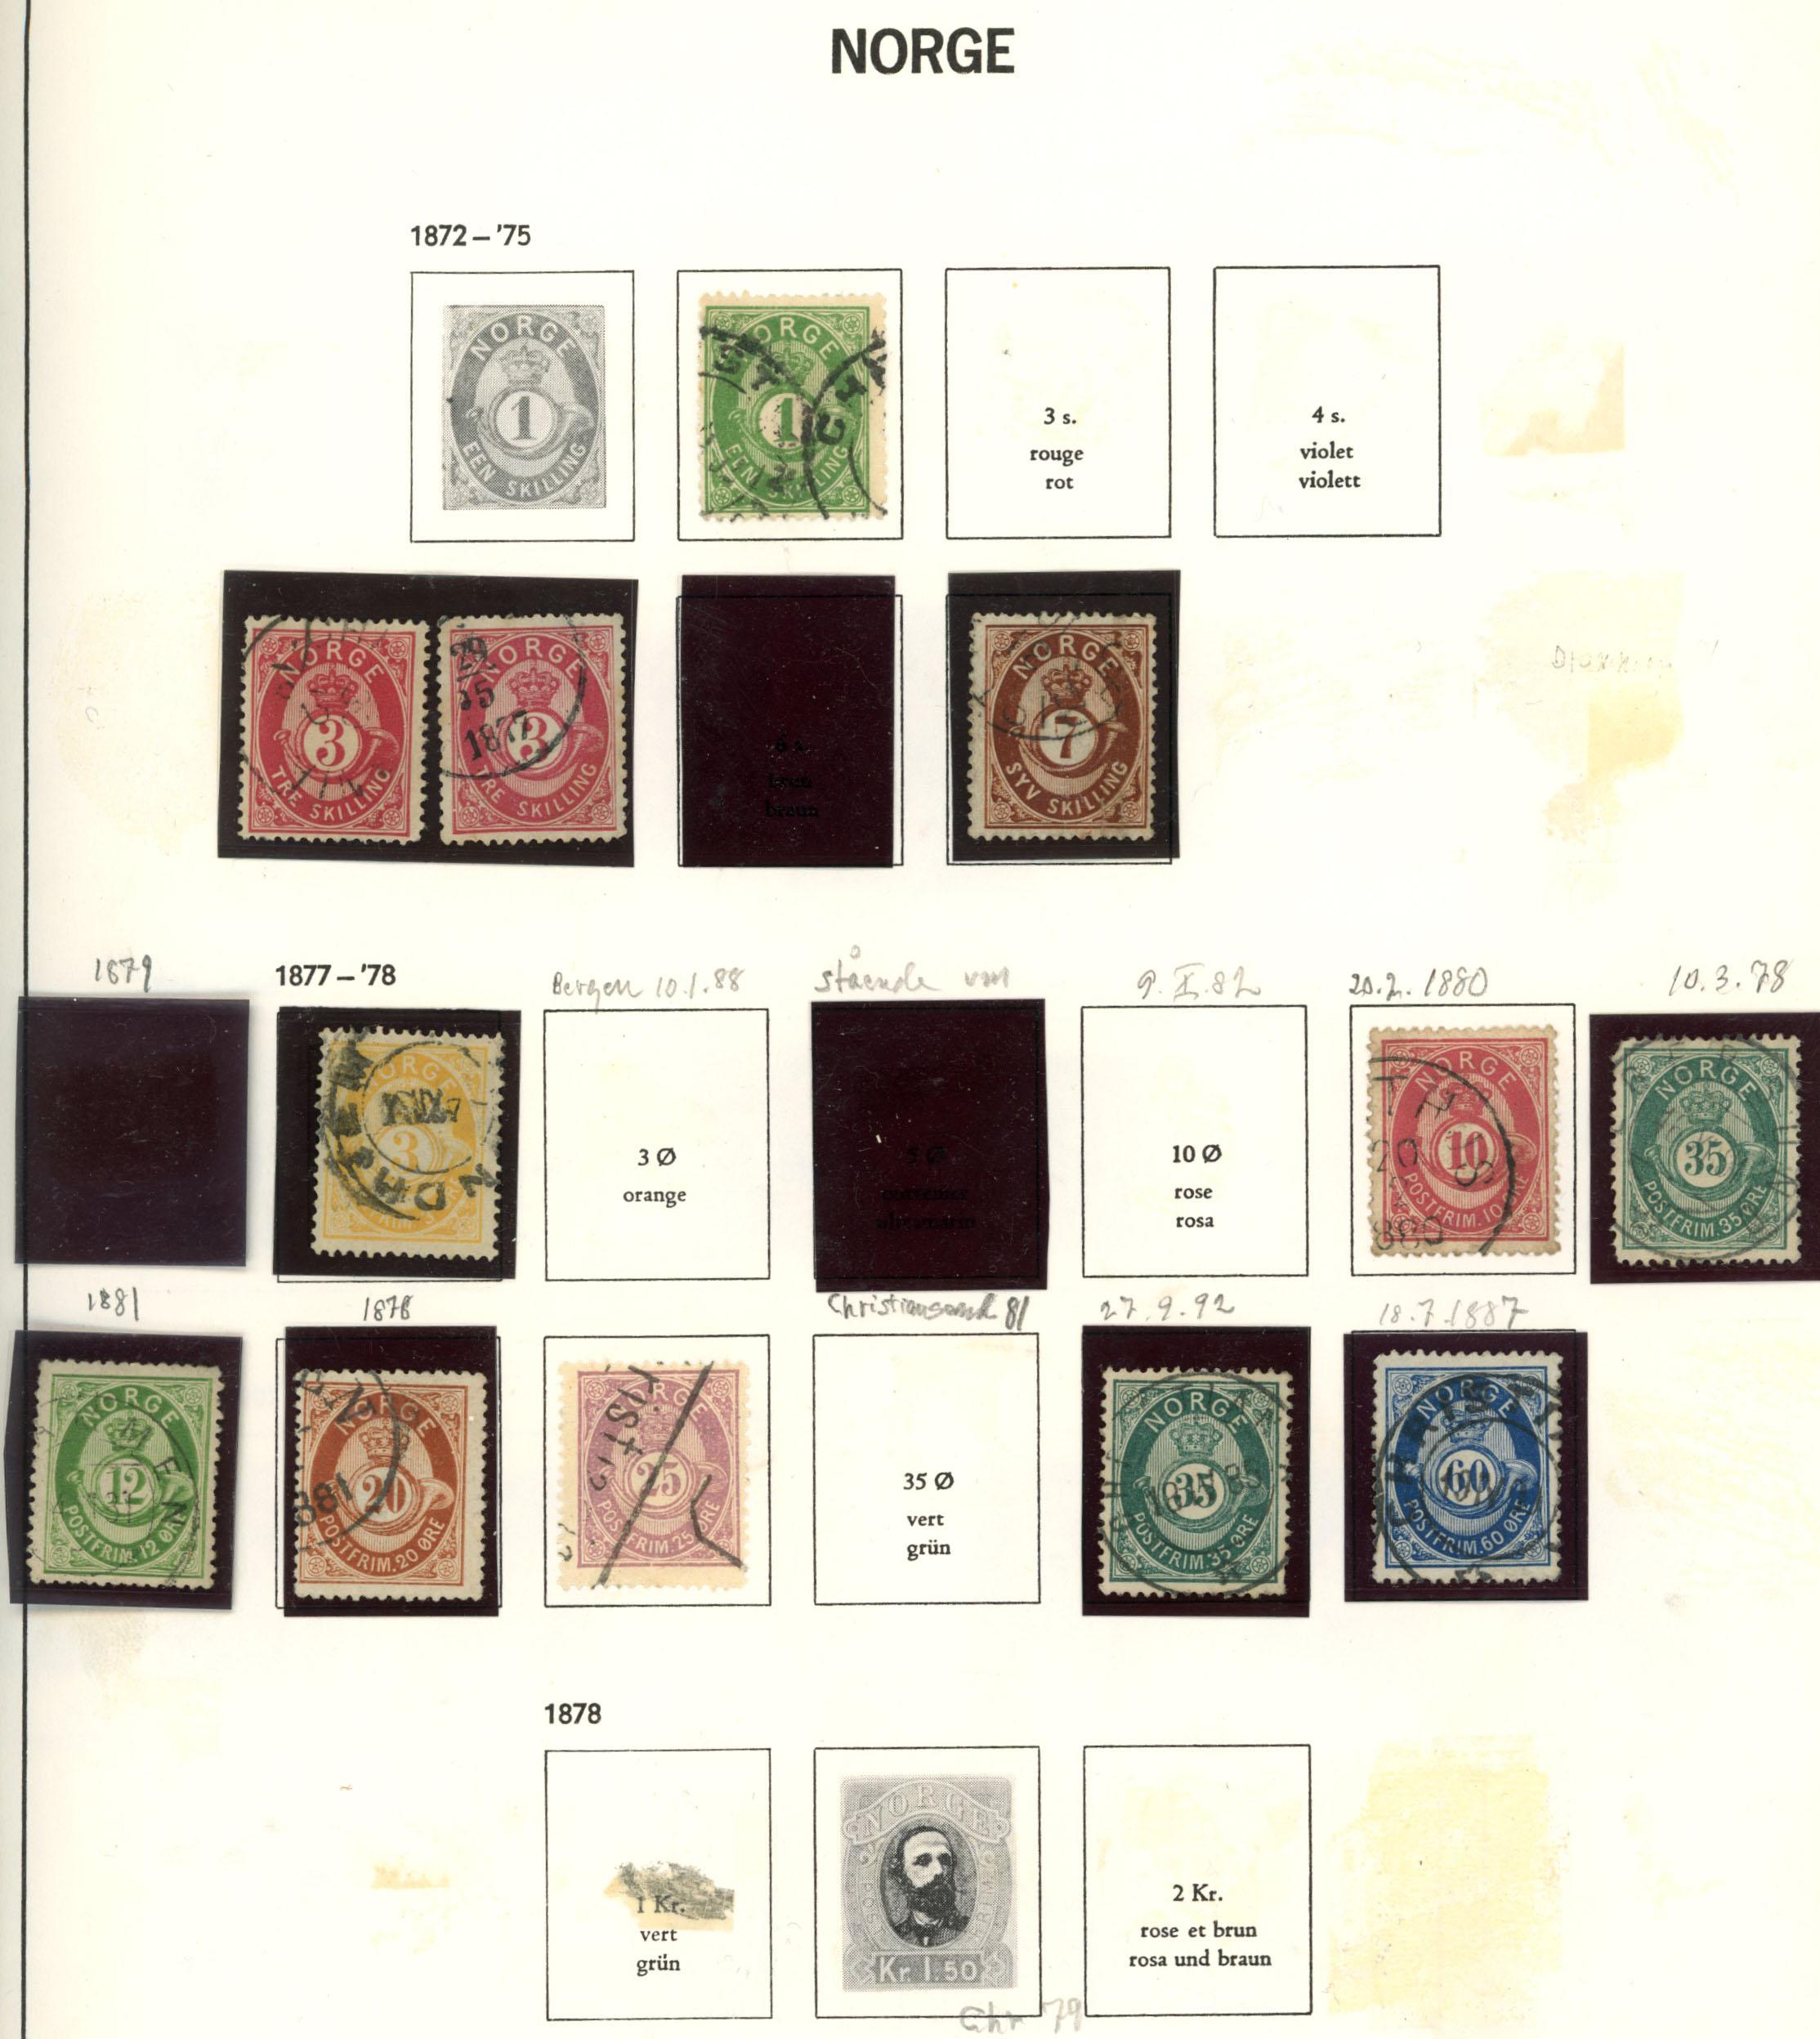 Lot 4882 - Samlinger/lotter 975,- til 400,-  -  Skanfil Auksjoner AS  Public auction 211